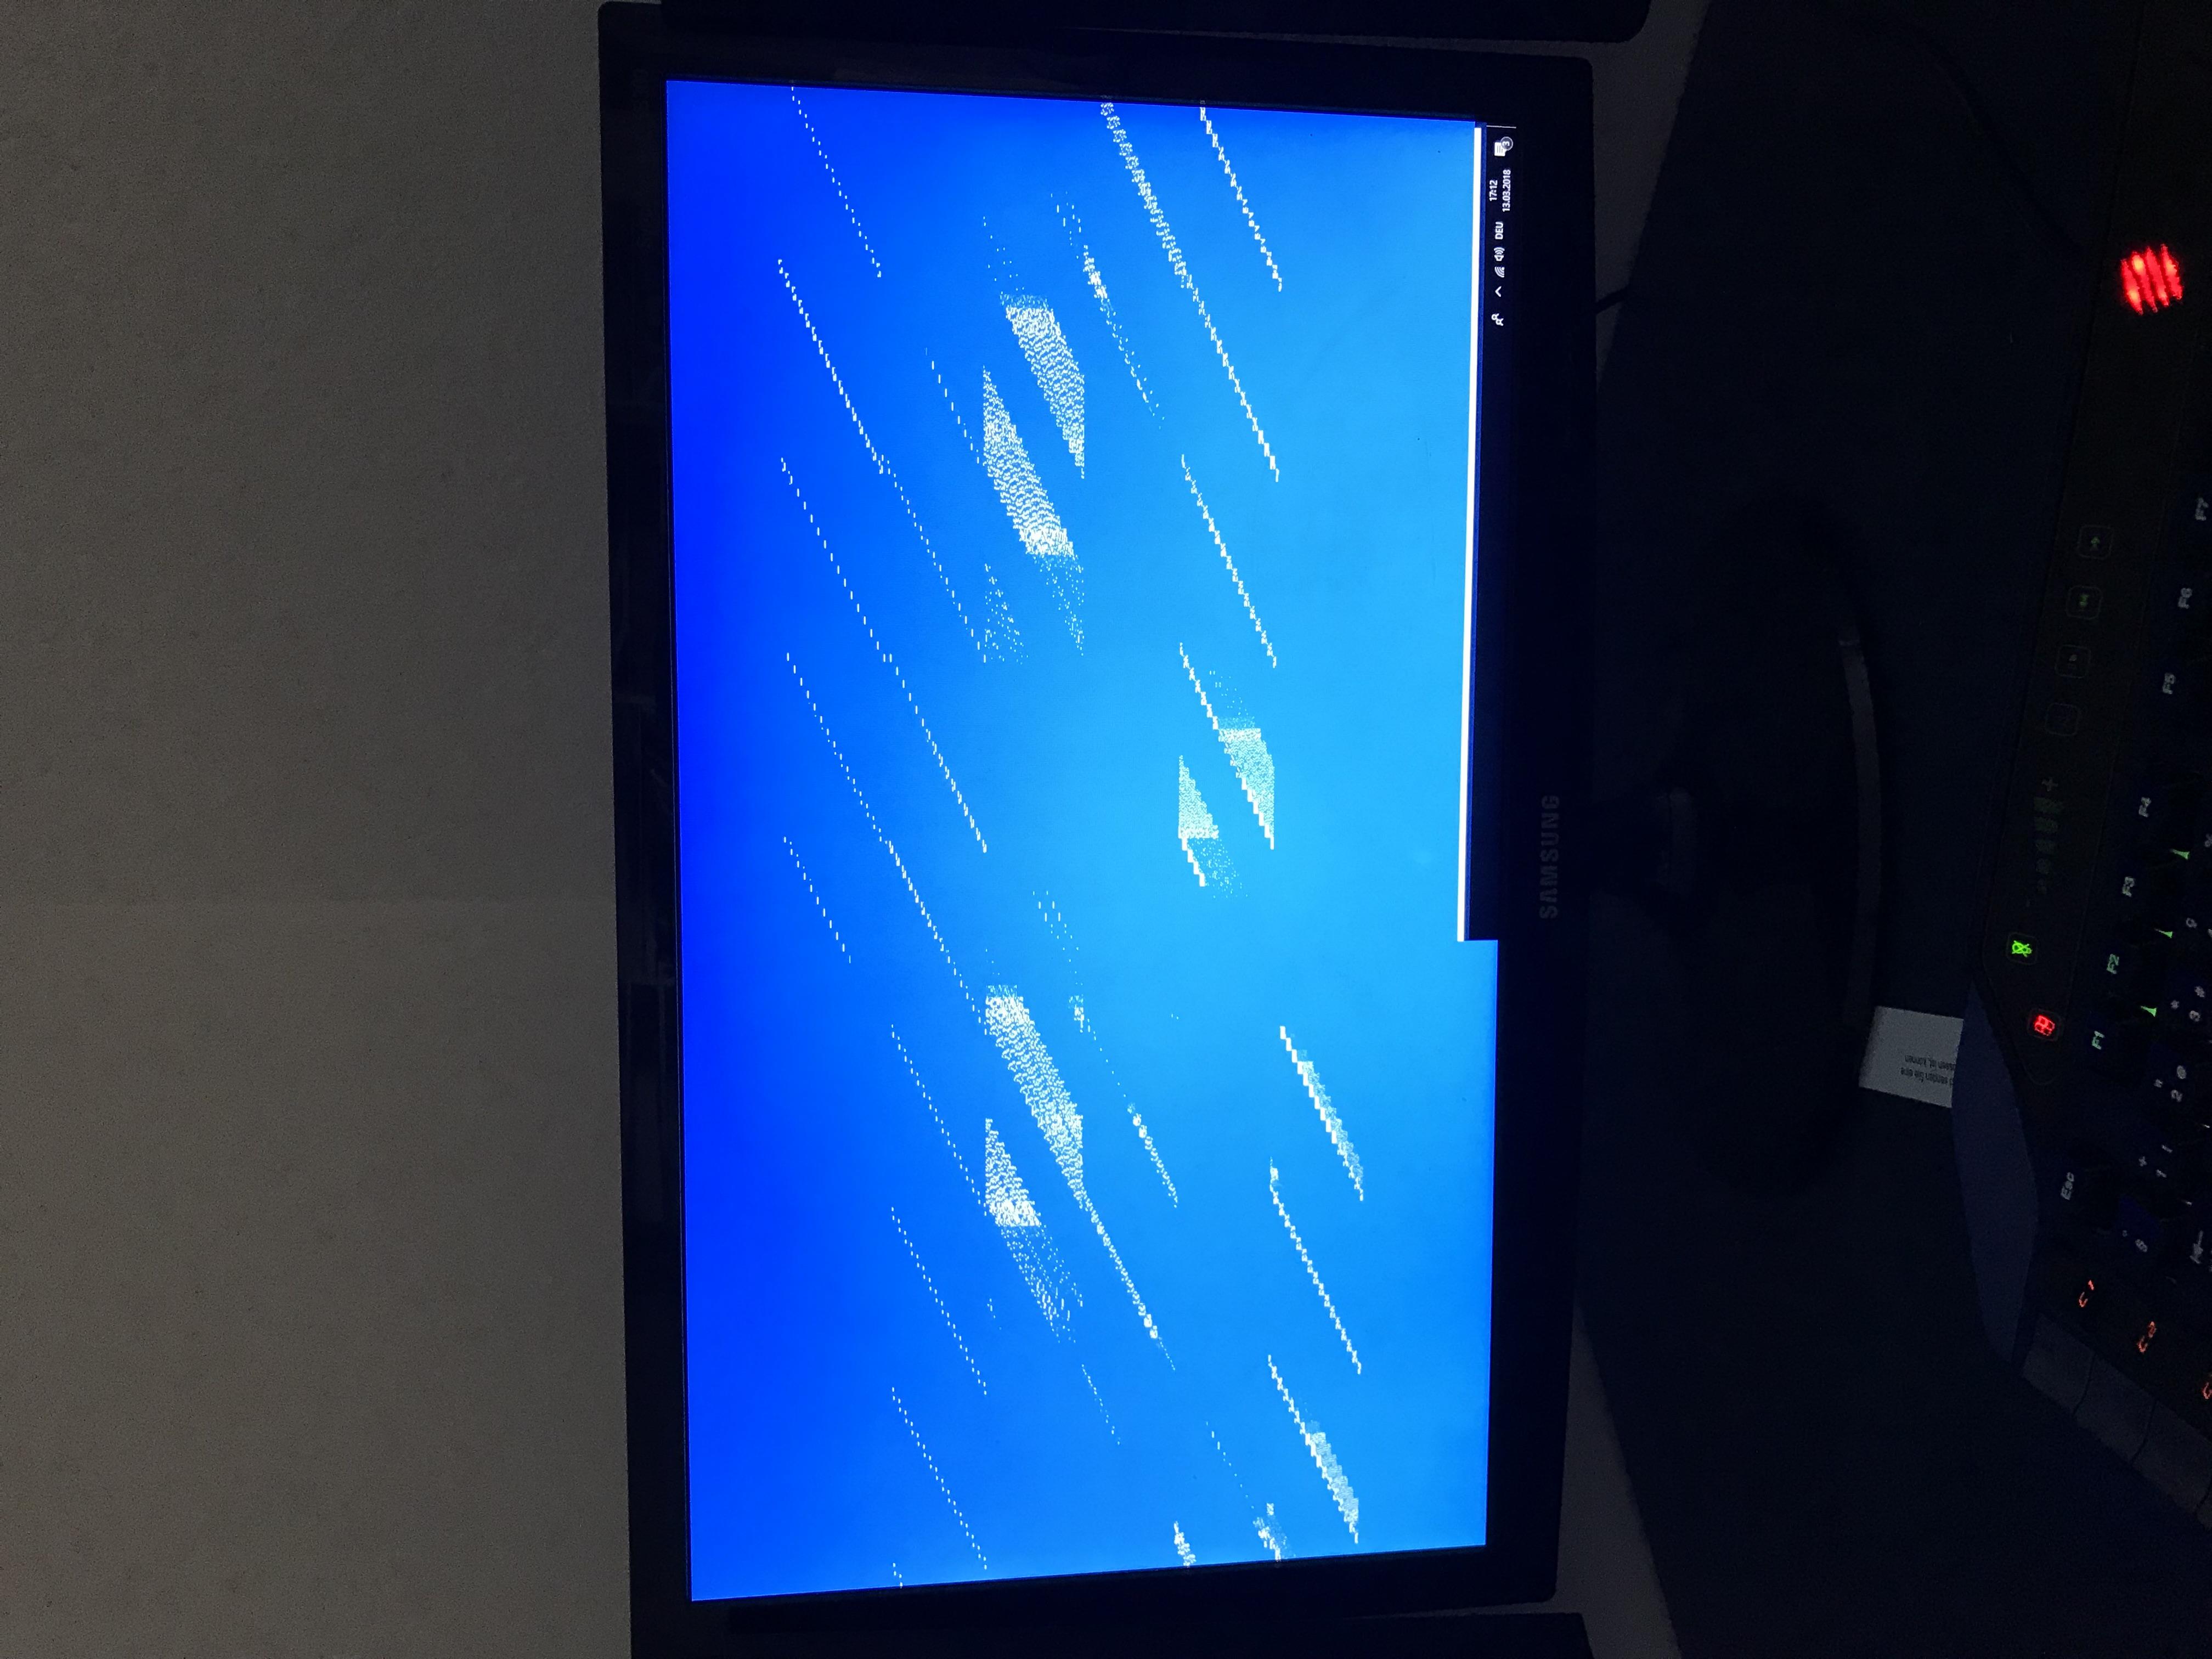 Computer Friert Ein Windows 10